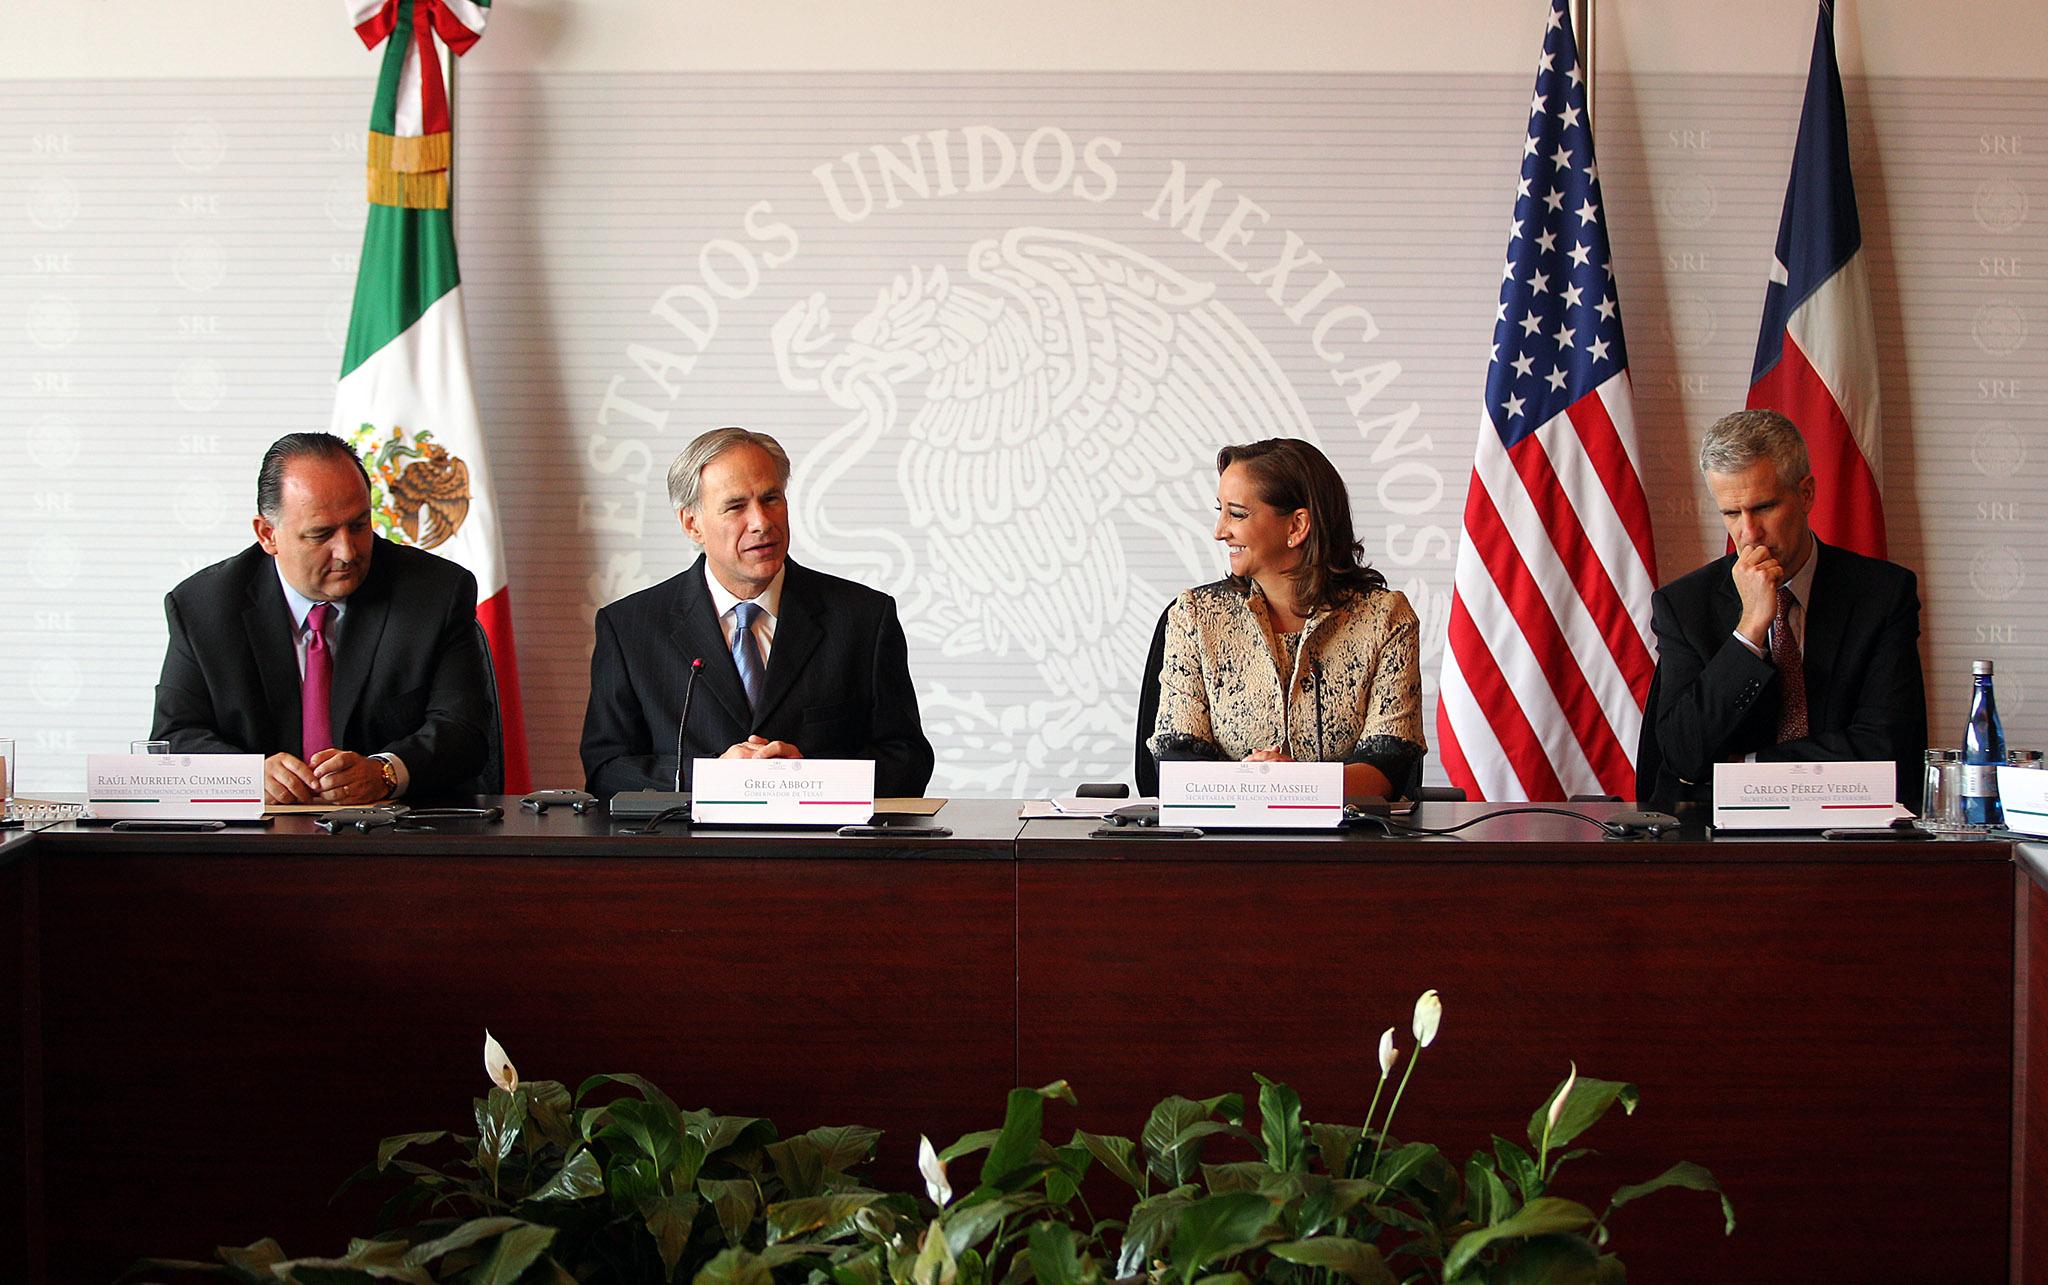 México y Texas abren un nuevo capítulo en su relación con anuncios y la firma de instrumentos de cooperación